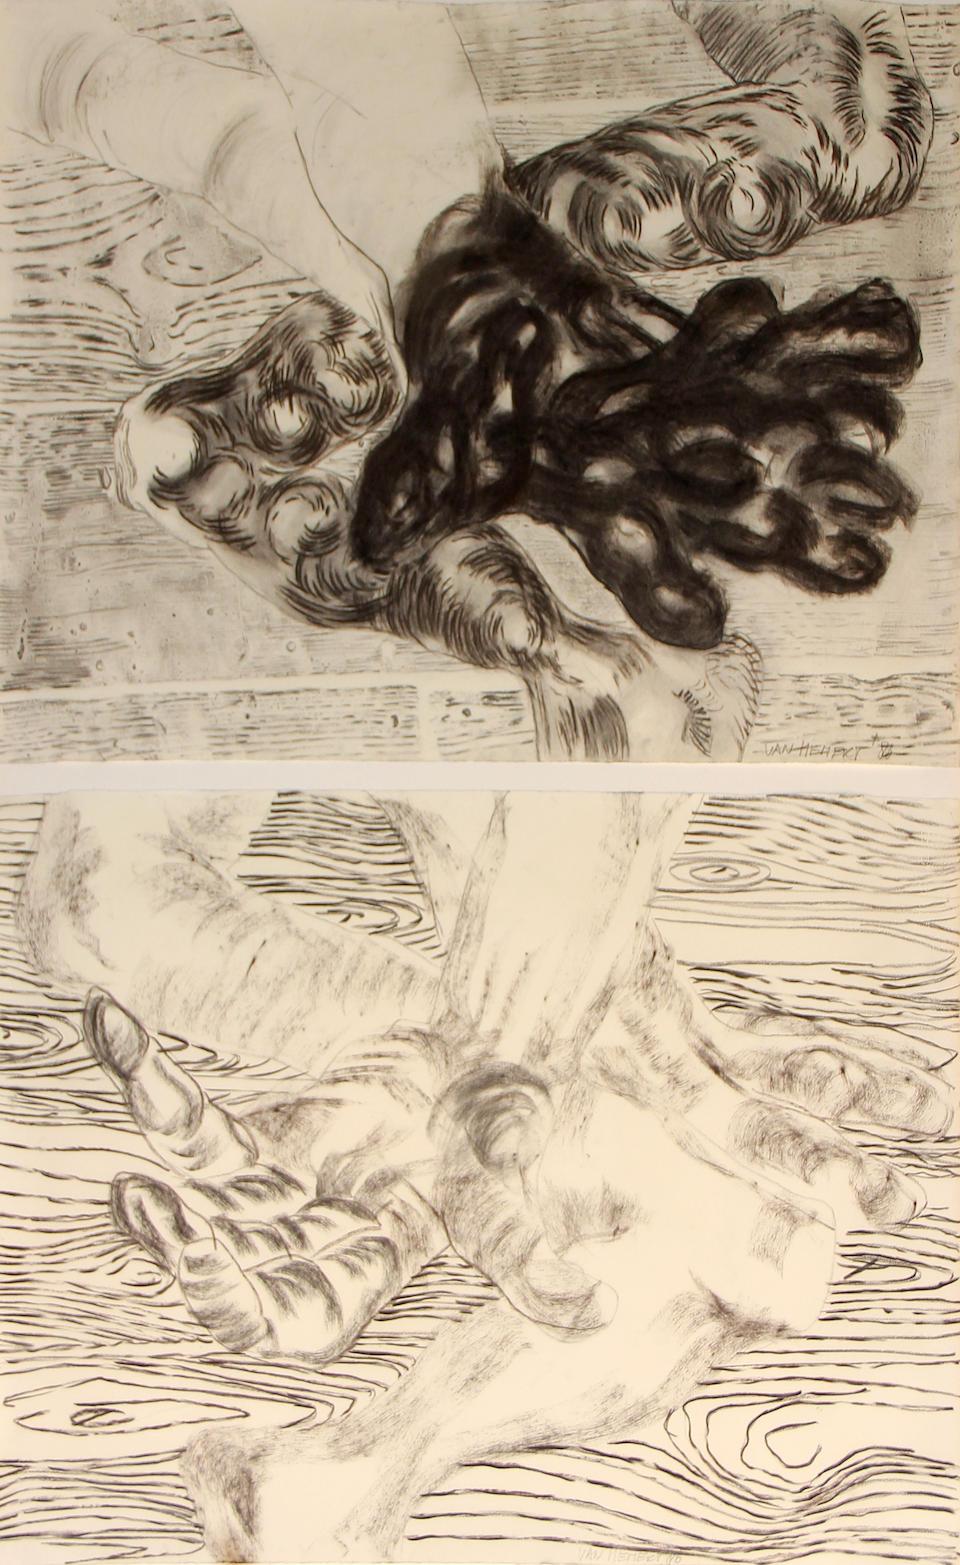 Frank van Hemert (Dutch, born 1956) The Places I Sleep, 1986 (diptych); The Places I Sleep, 1986 (diptych) (2) each 19 x 26in